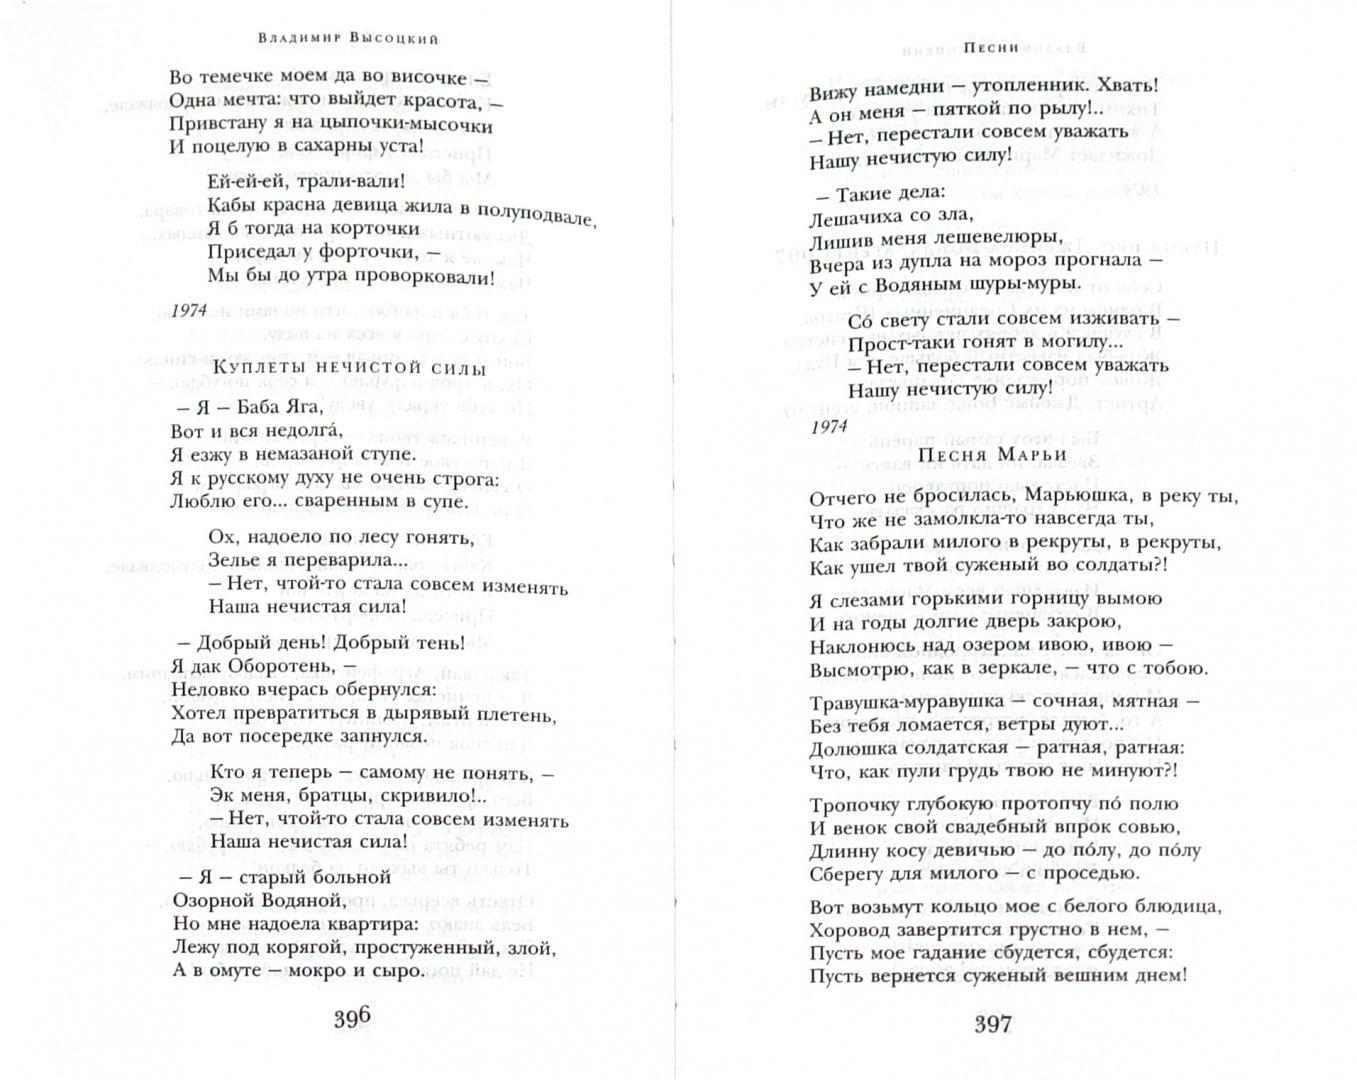 Иллюстрация 1 из 11 для Песни. Стихотворения. Проза - Владимир Высоцкий | Лабиринт - книги. Источник: Лабиринт